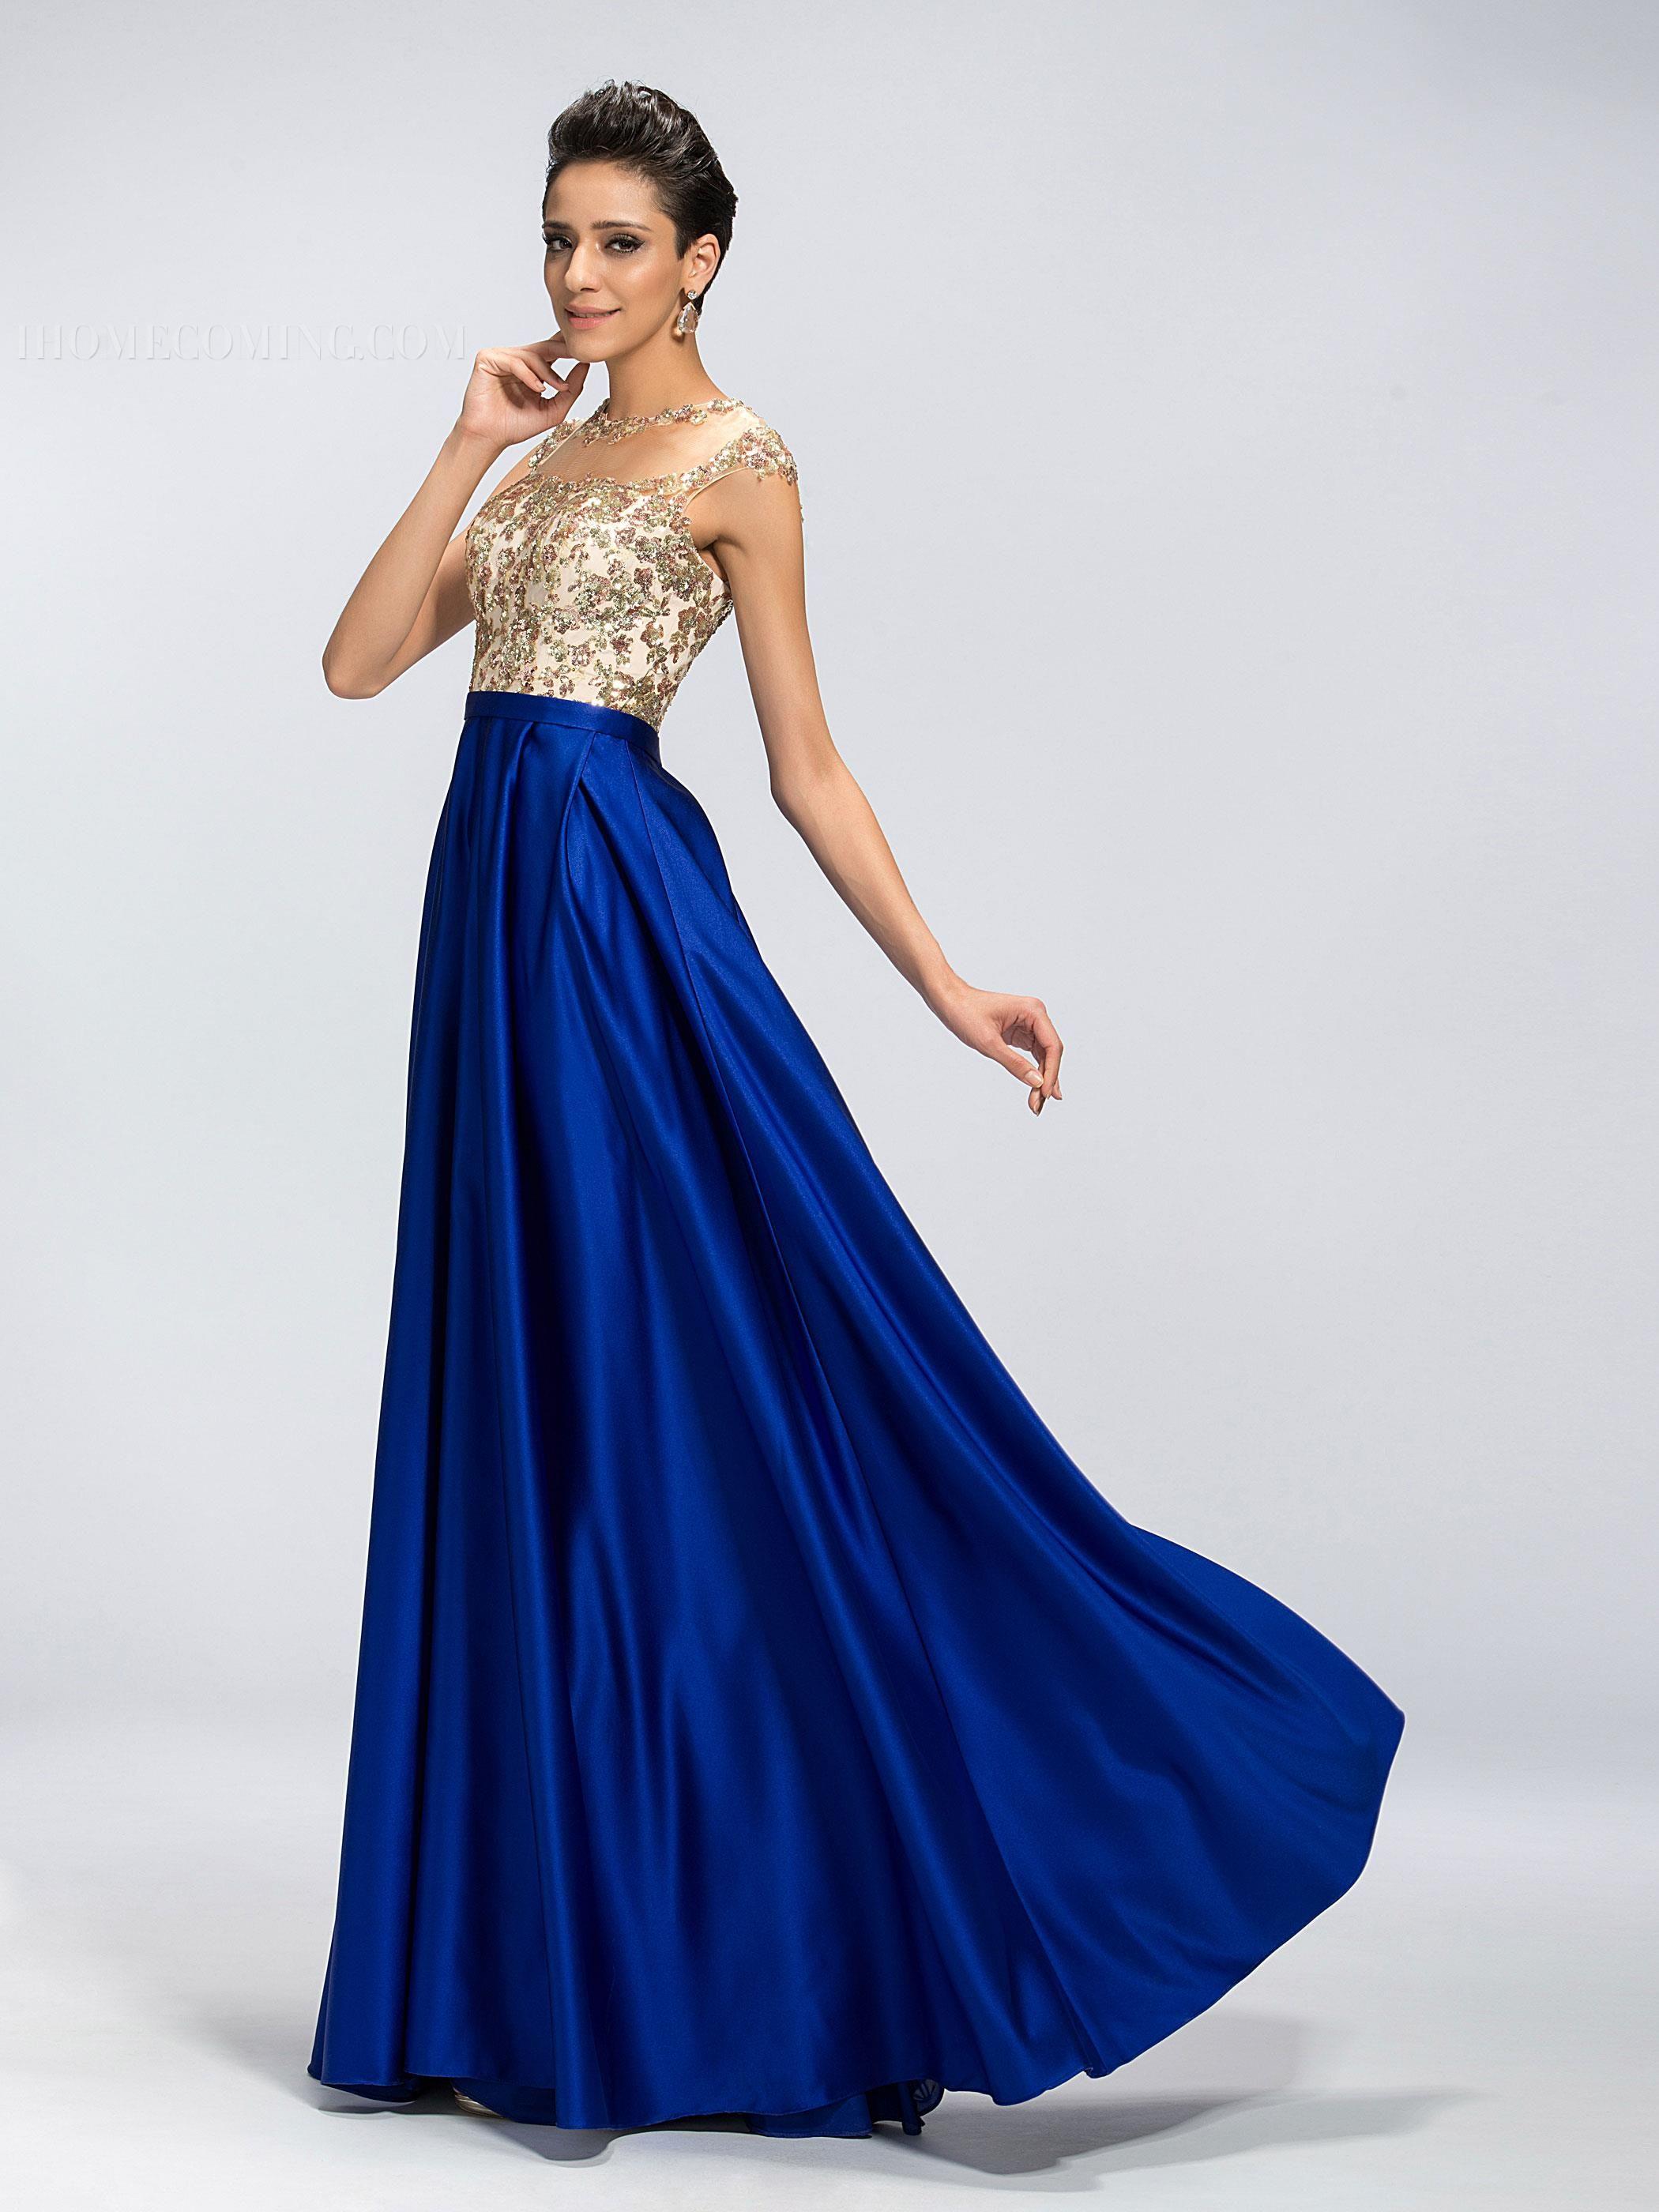 Imagenes de vestidos para recepcion 2014